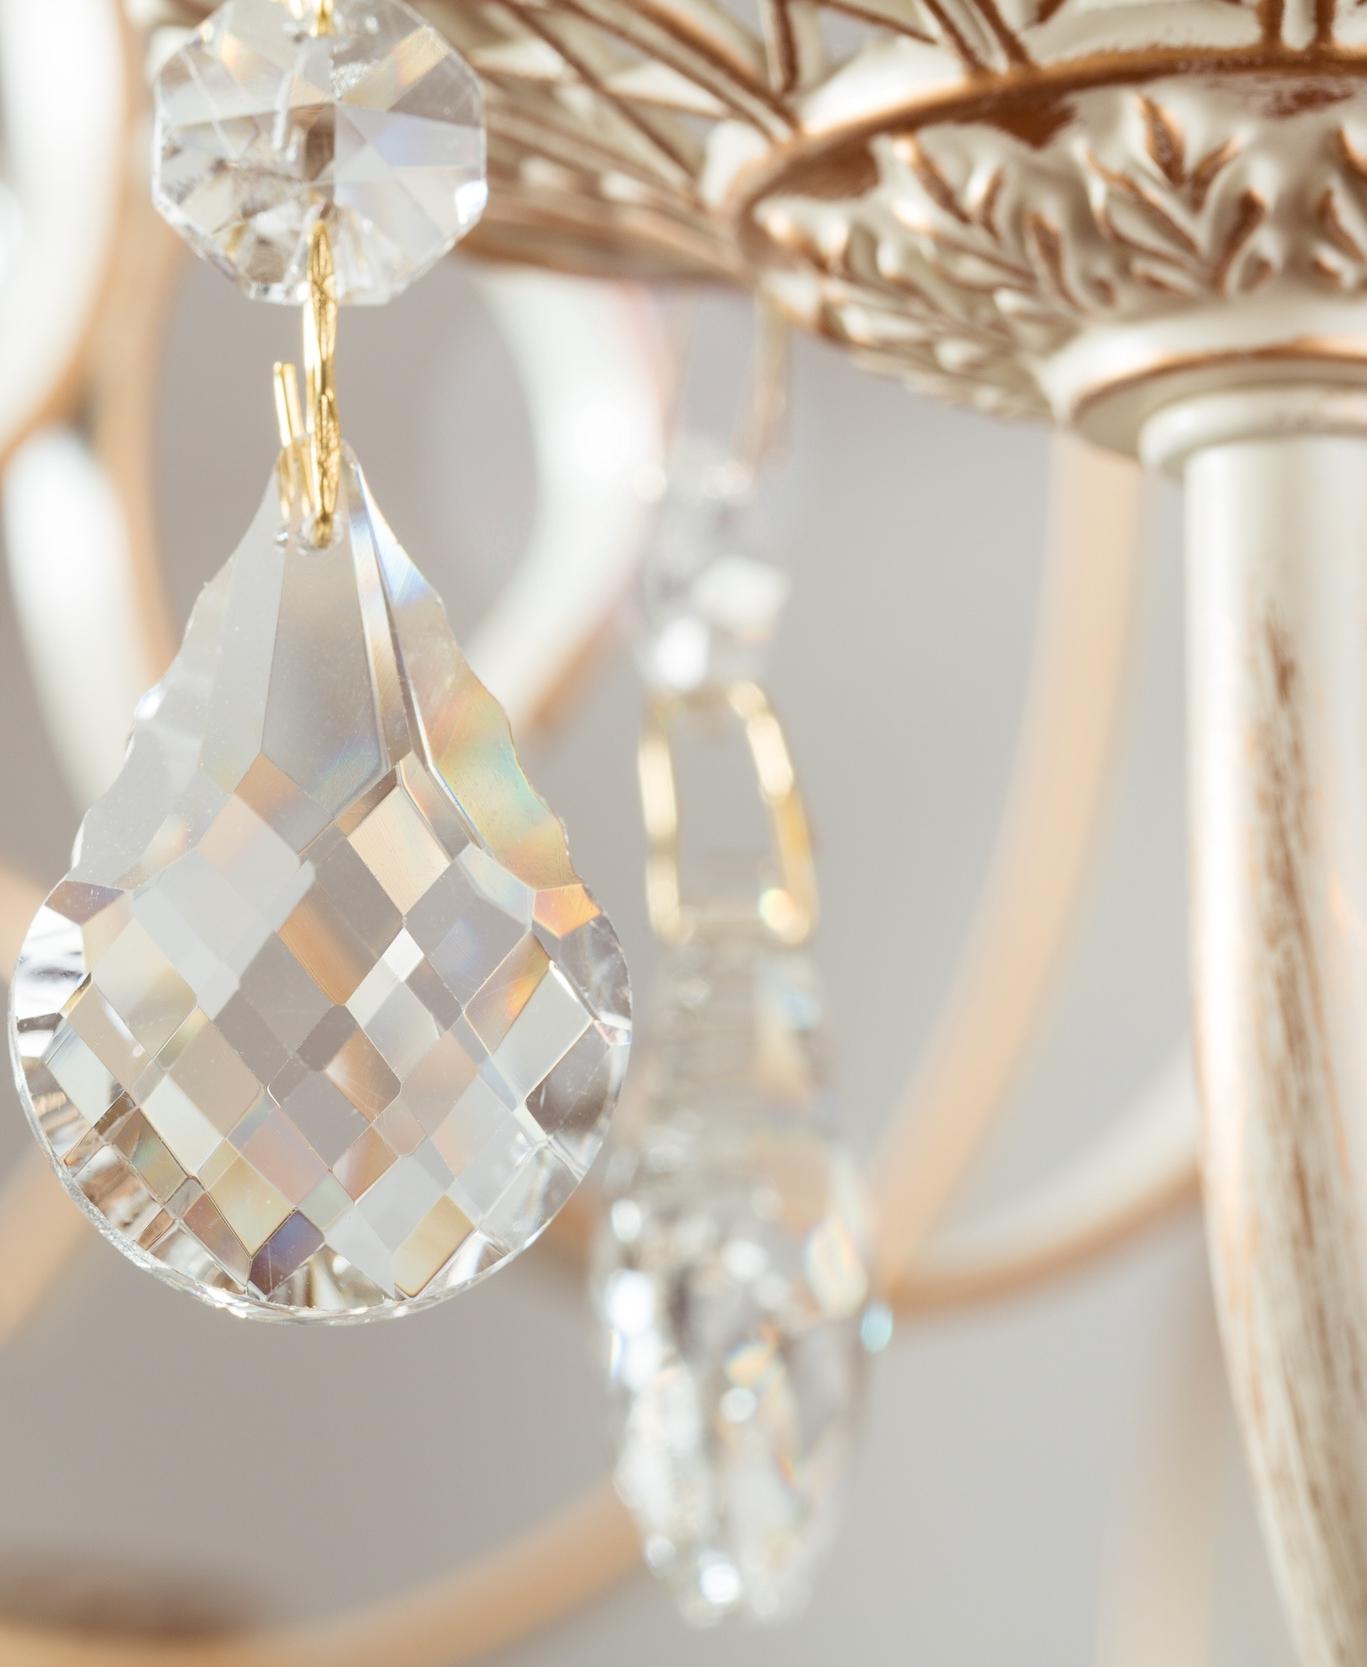 chandelier-crystal-detail-close-up-elegant-decor-76716834.jpg